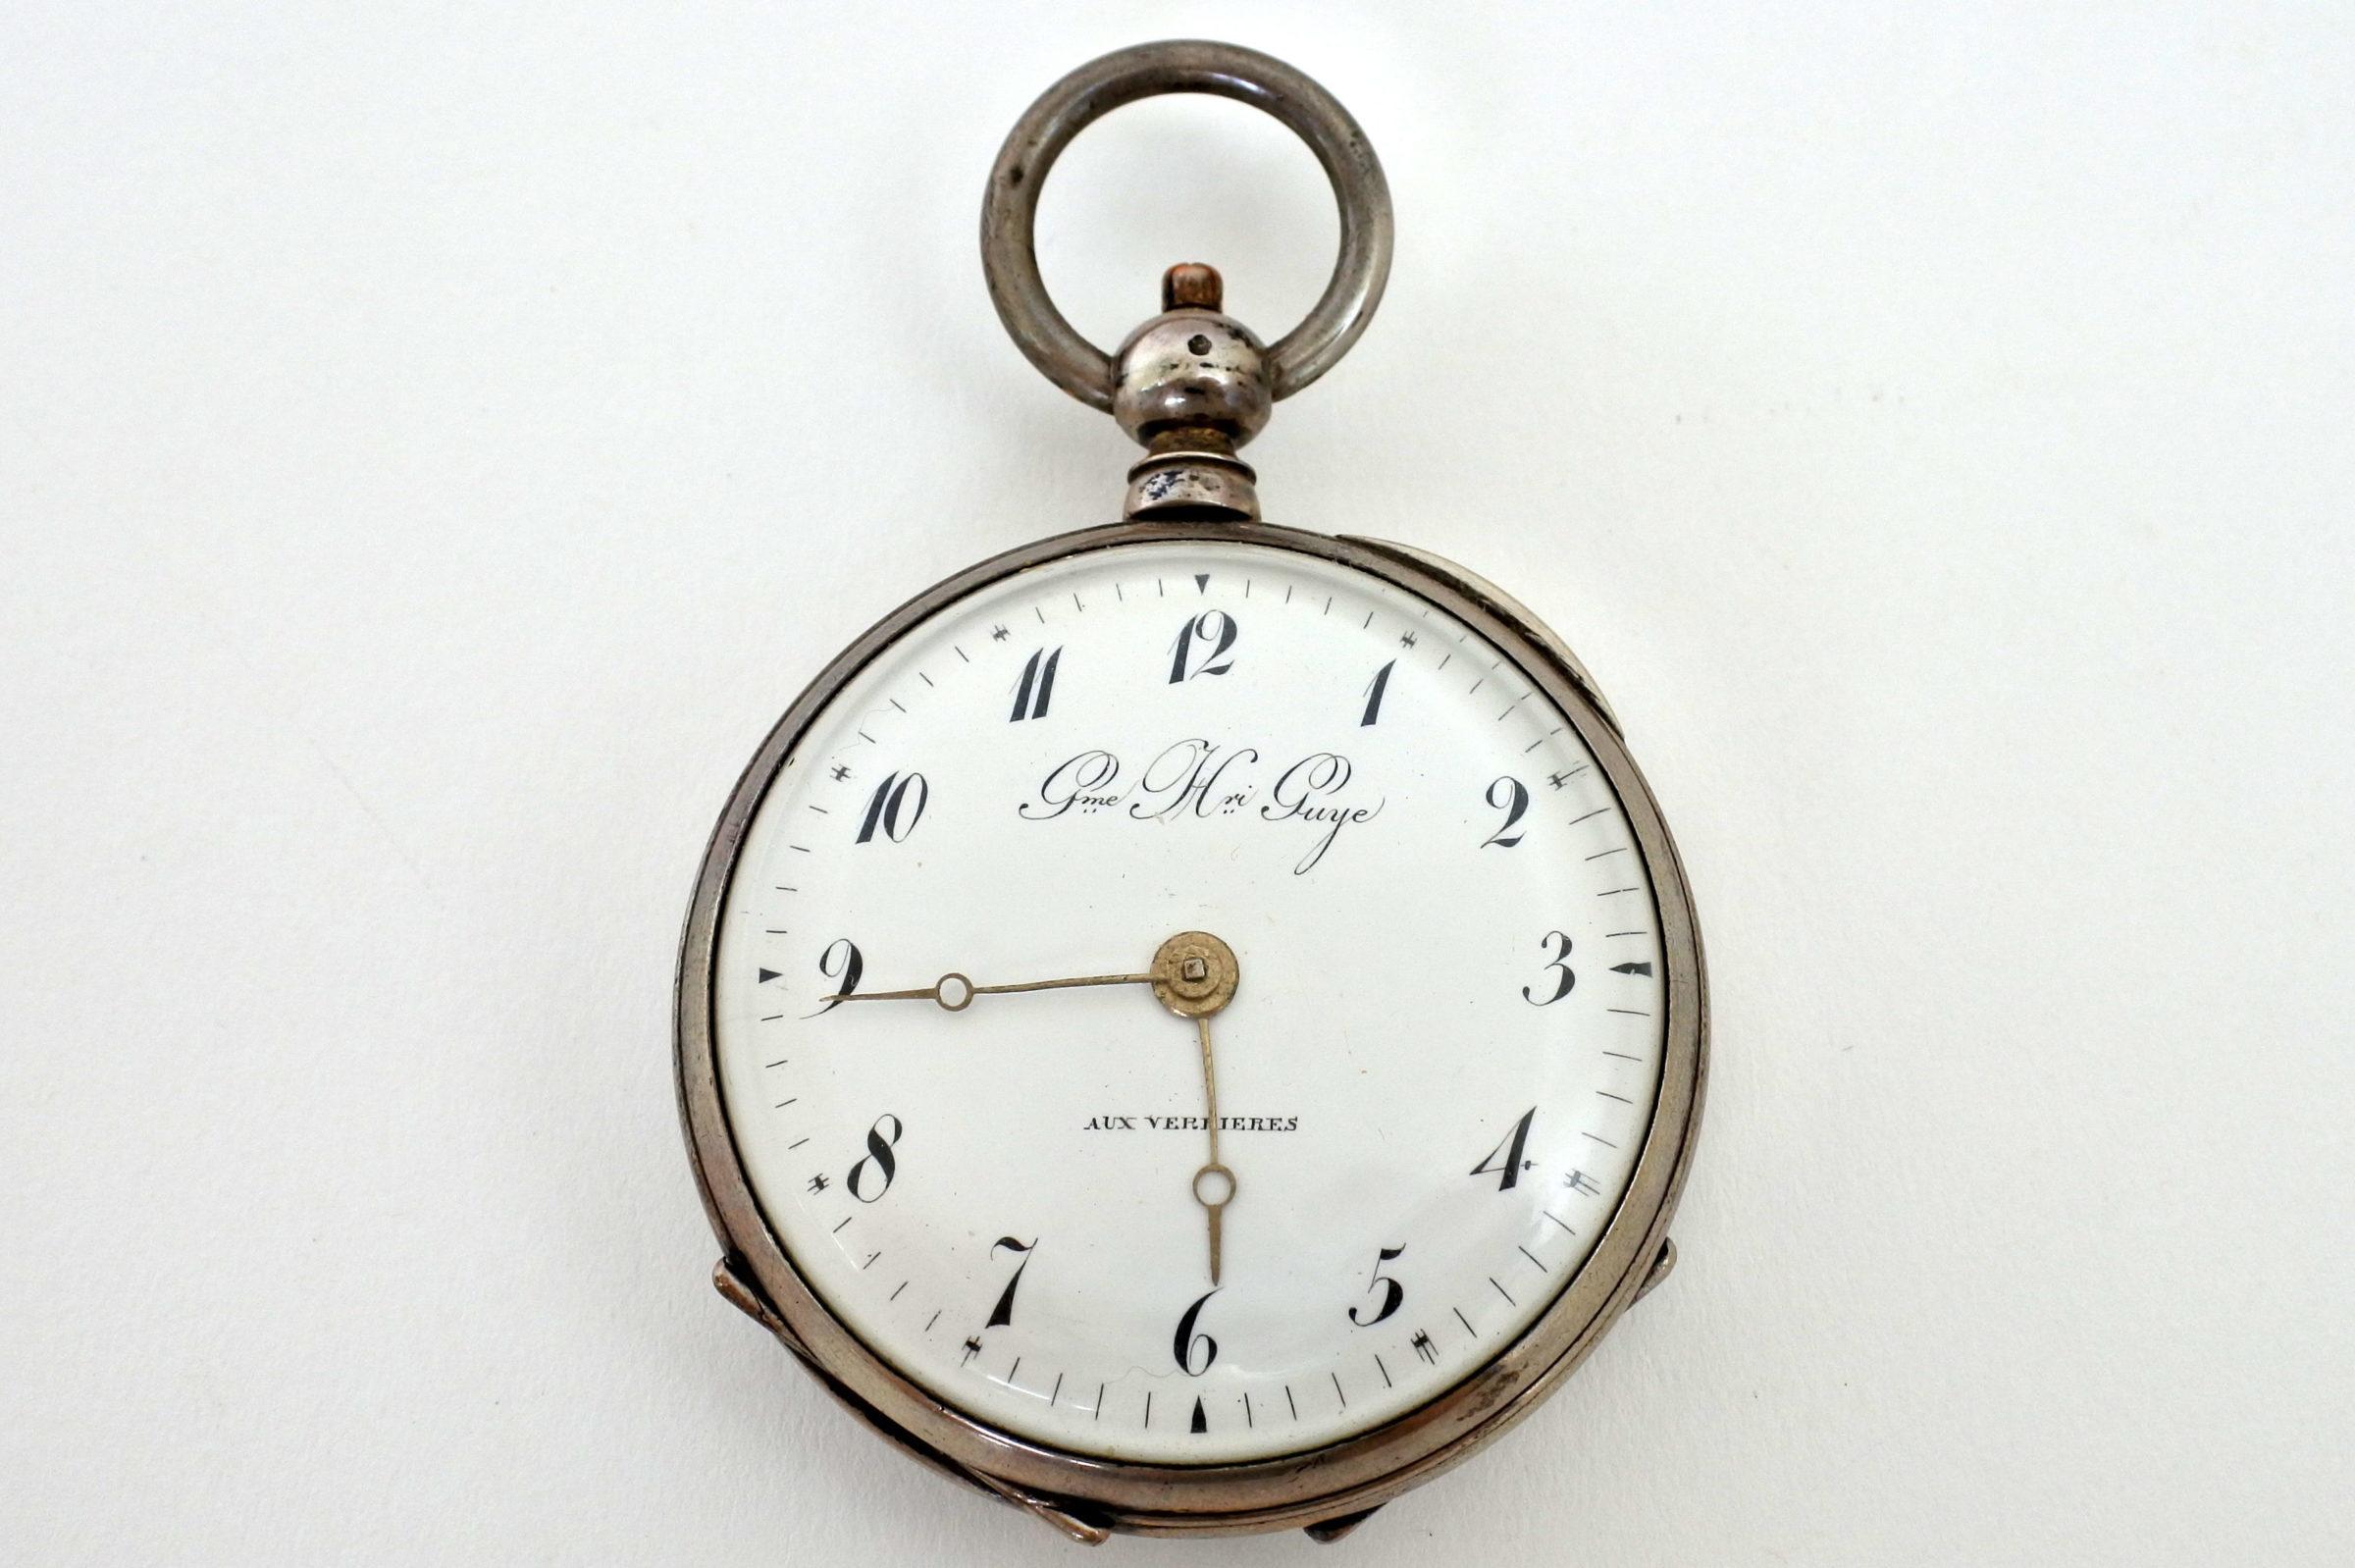 Orologio da tasca in argento con carica a chiavetta. Diametro cassa 55 mm